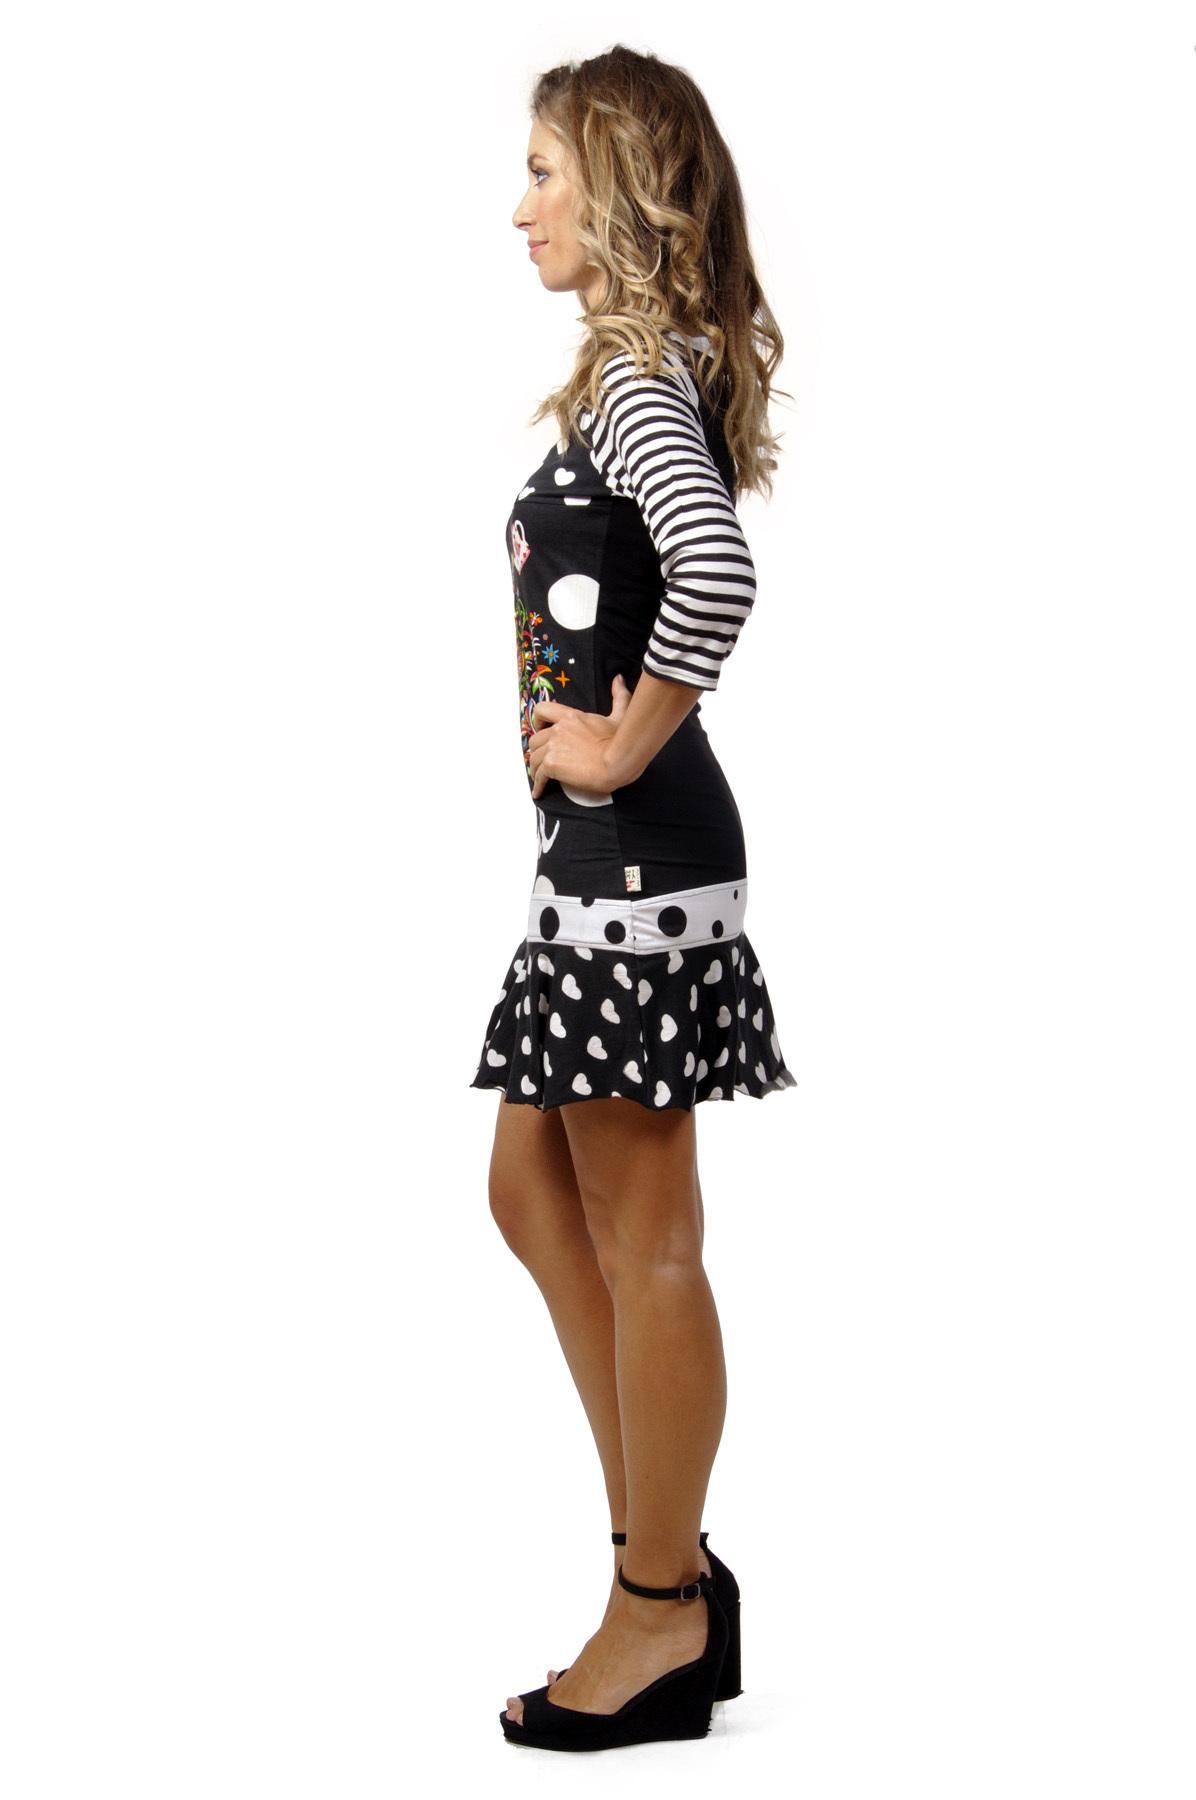 Savage Culture: Wonderland Rose Garden Embroidered Short Dress Carolina (1 Left!)